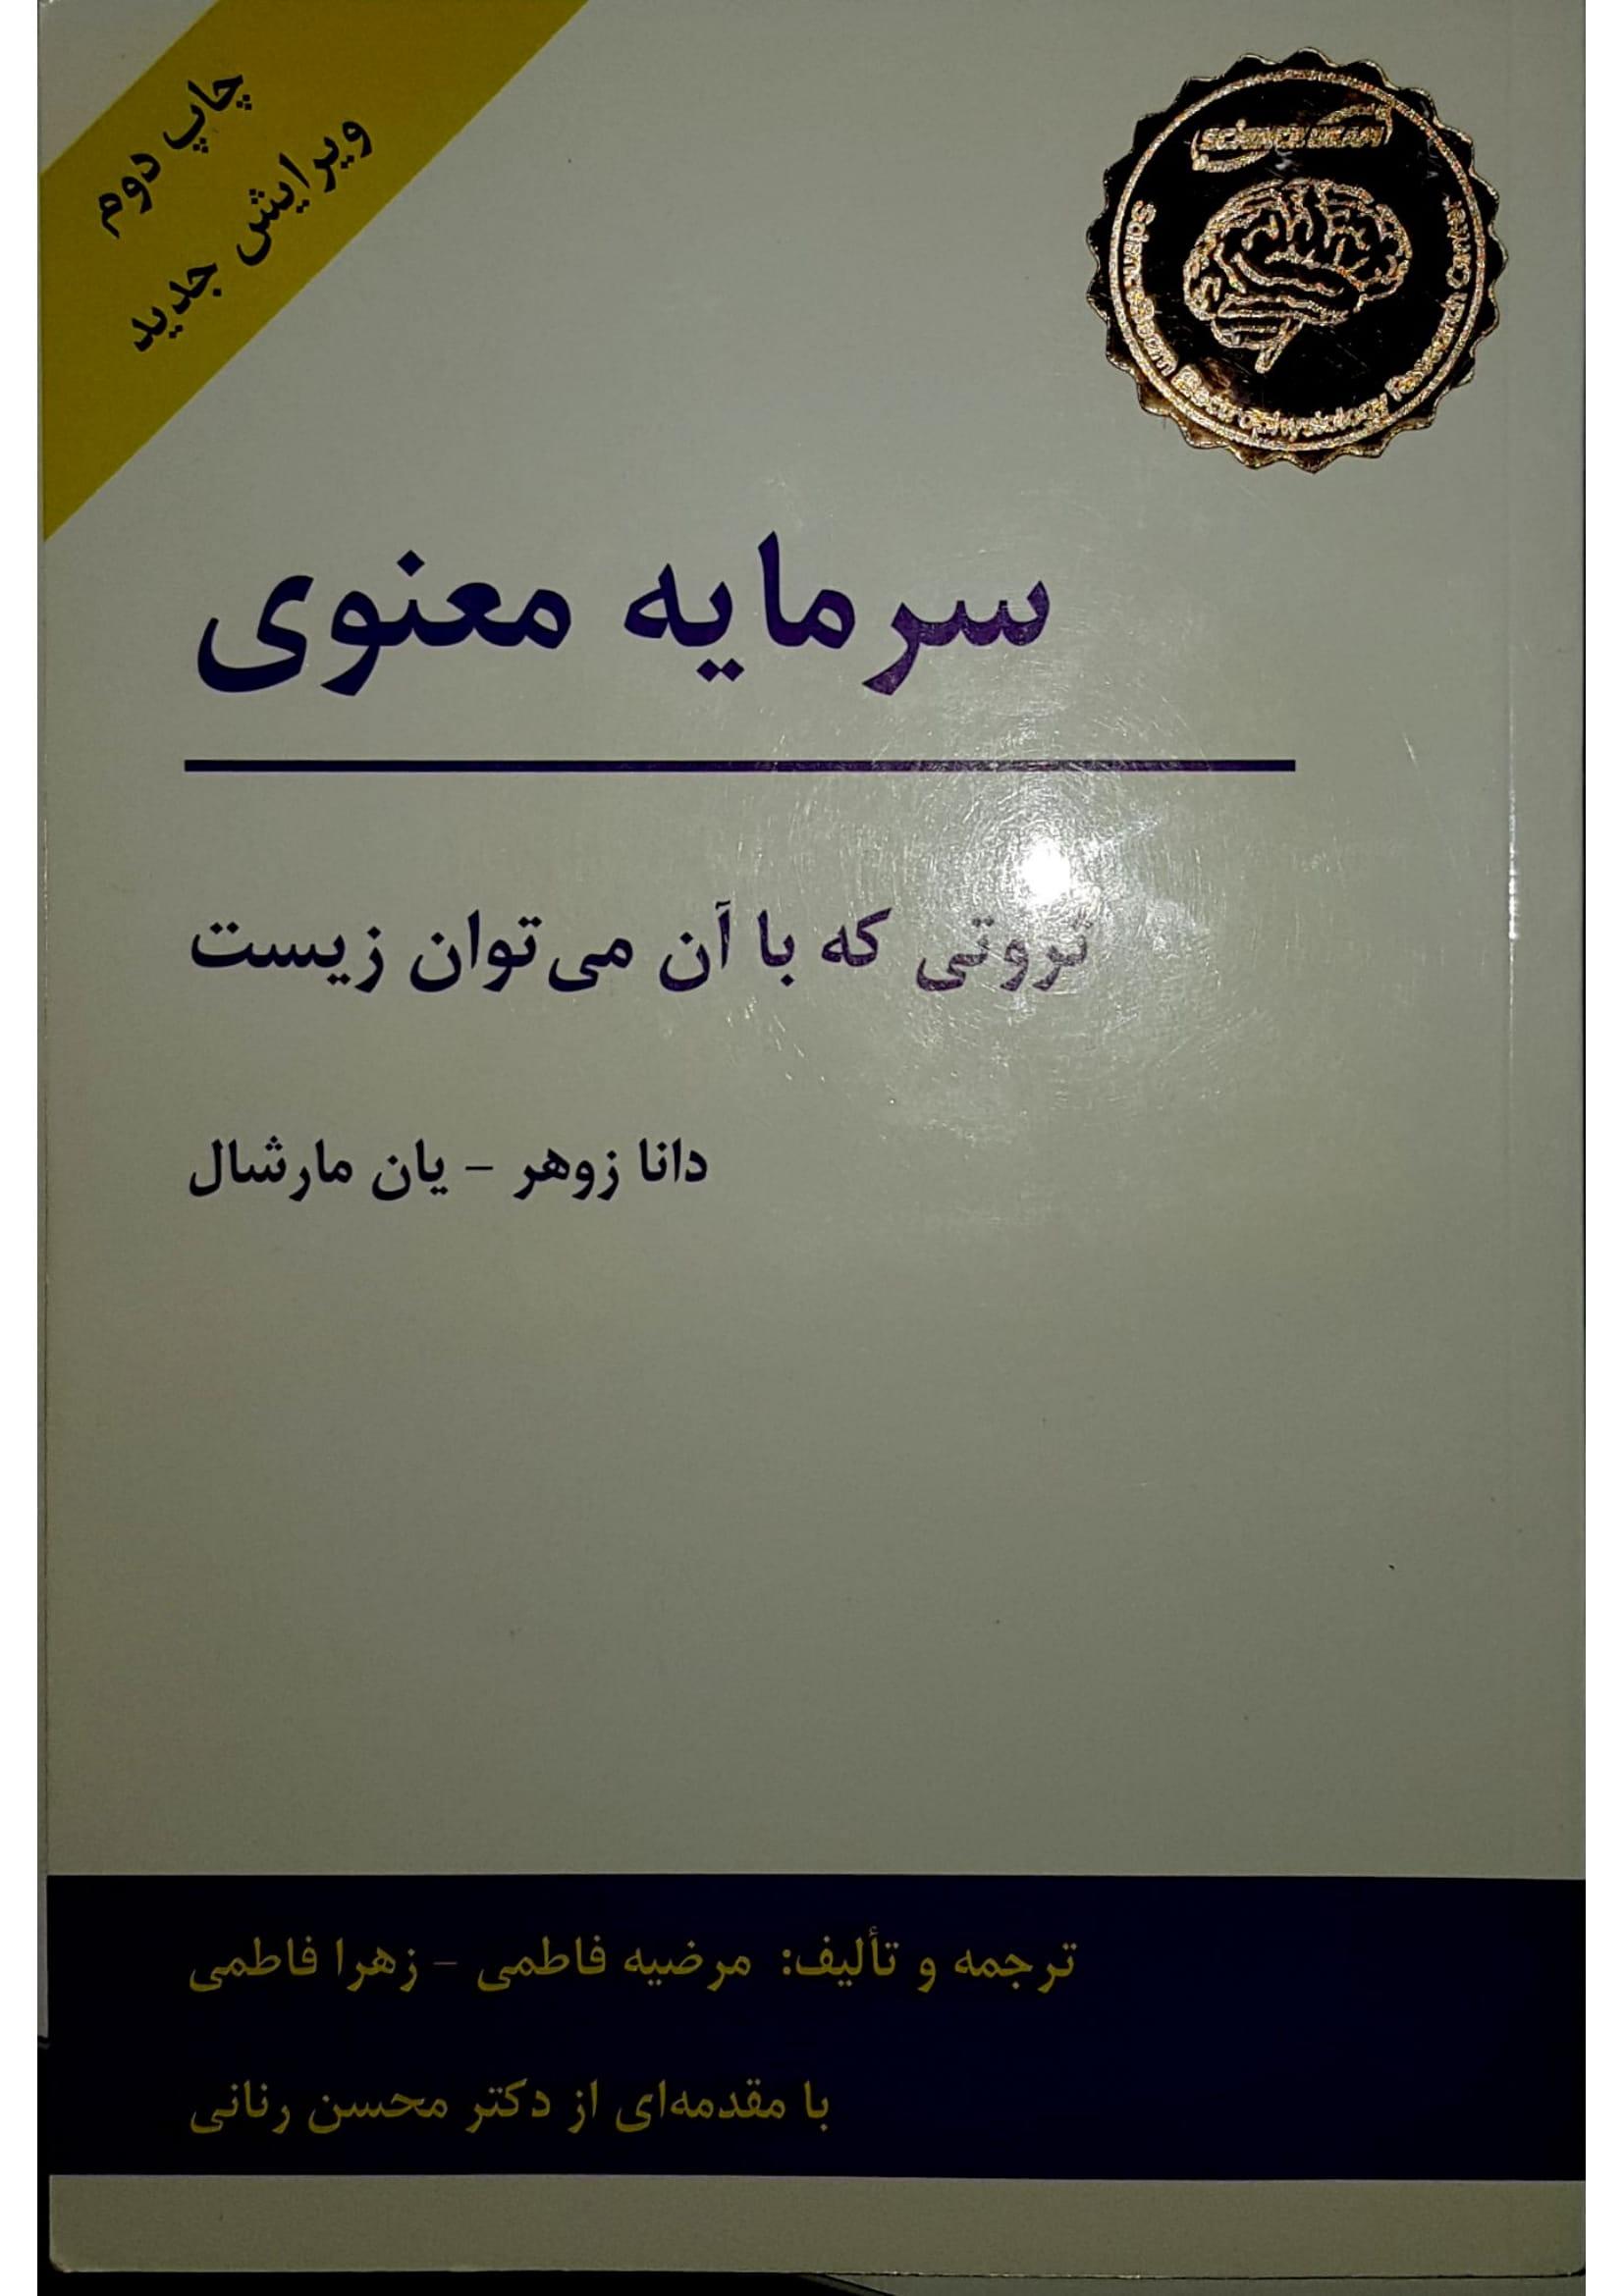 کتاب - سررسید- عید - 97